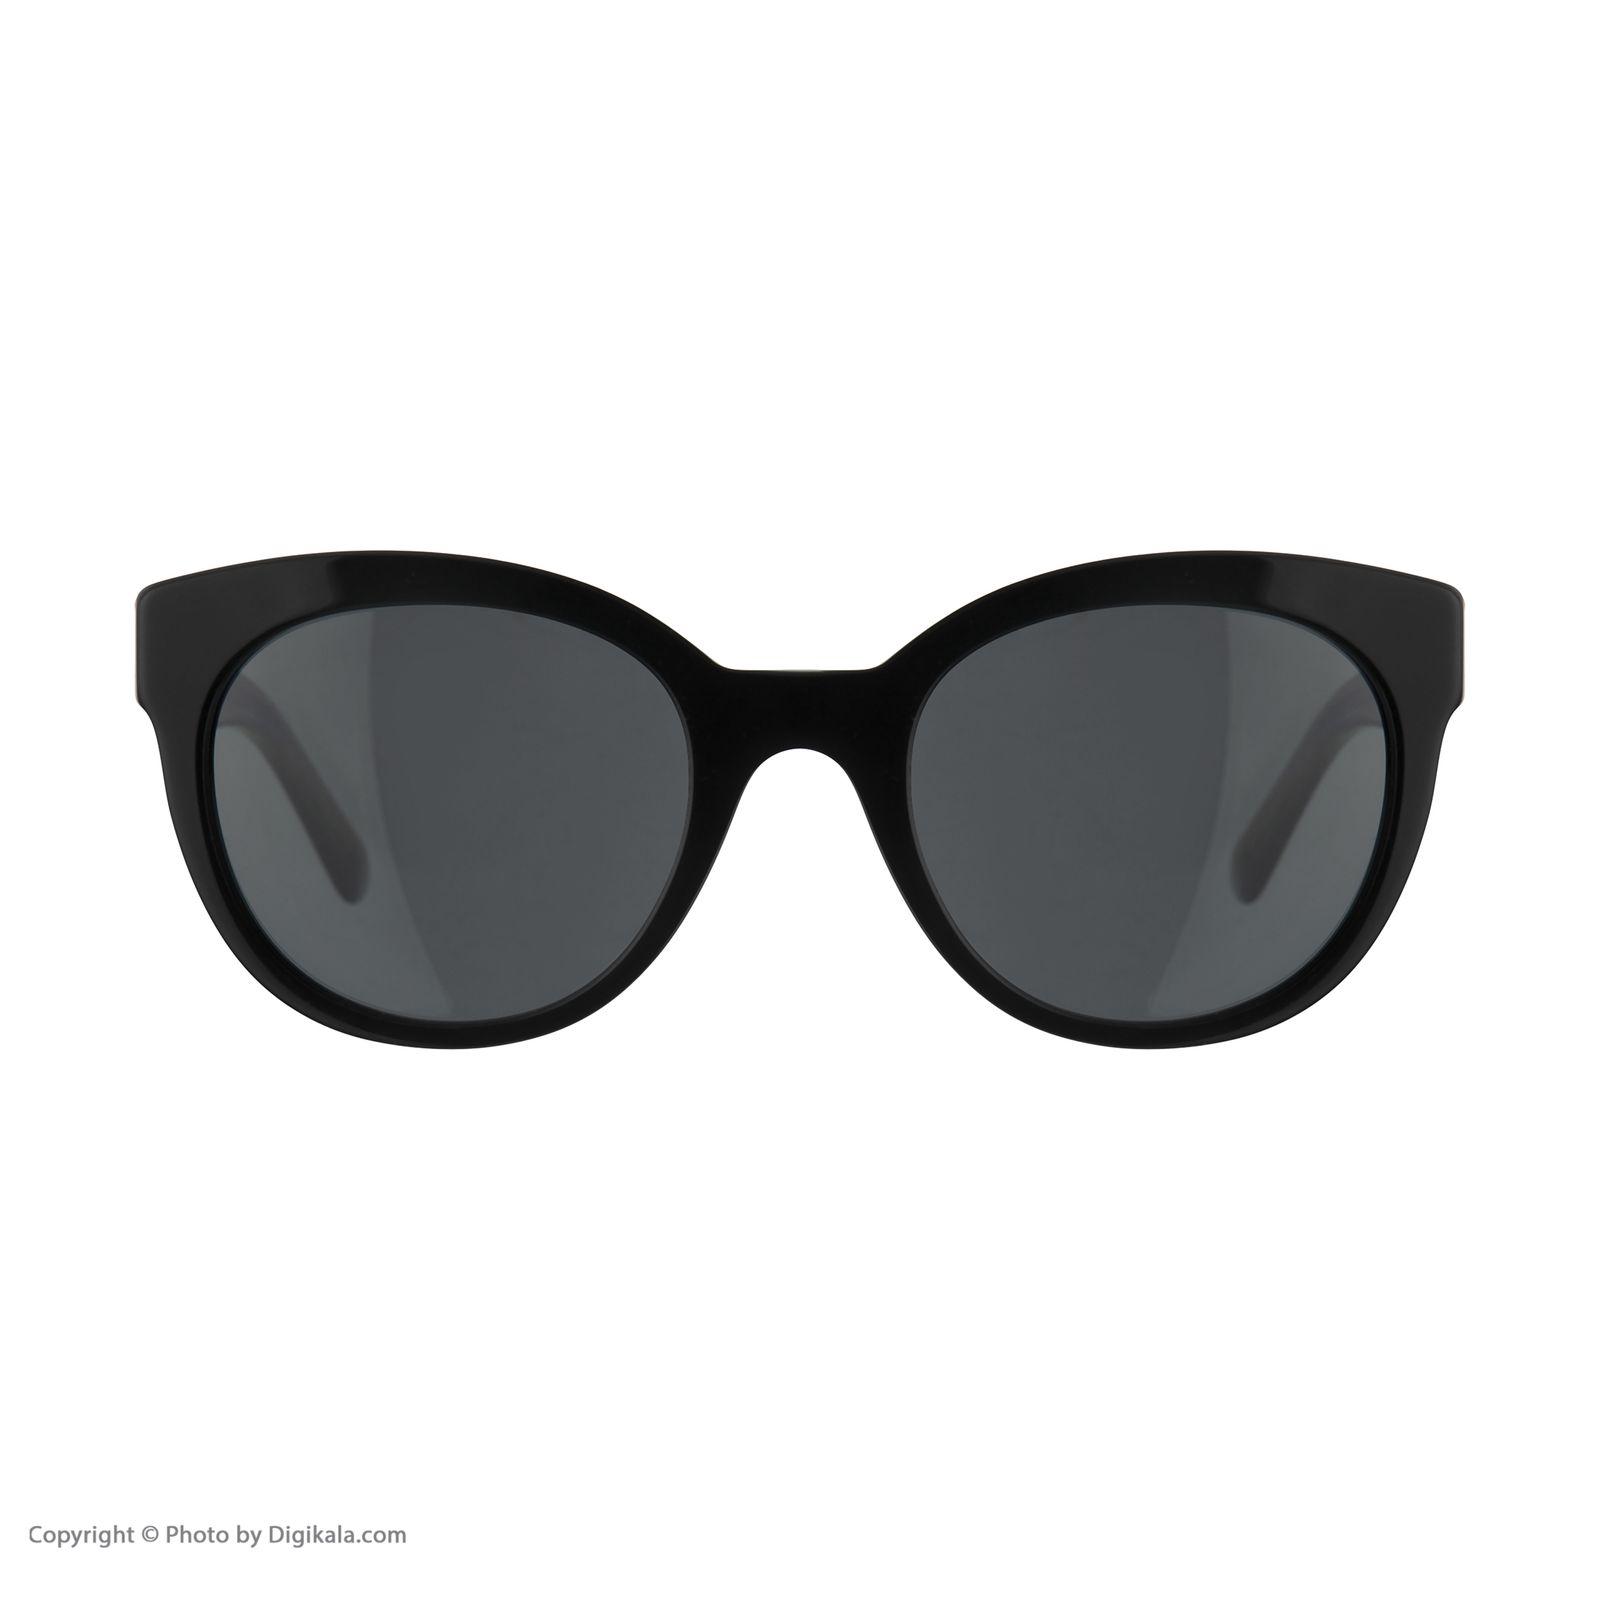 عینک آفتابی مردانه بربری مدل BE 4210S 300187 52 -  - 3